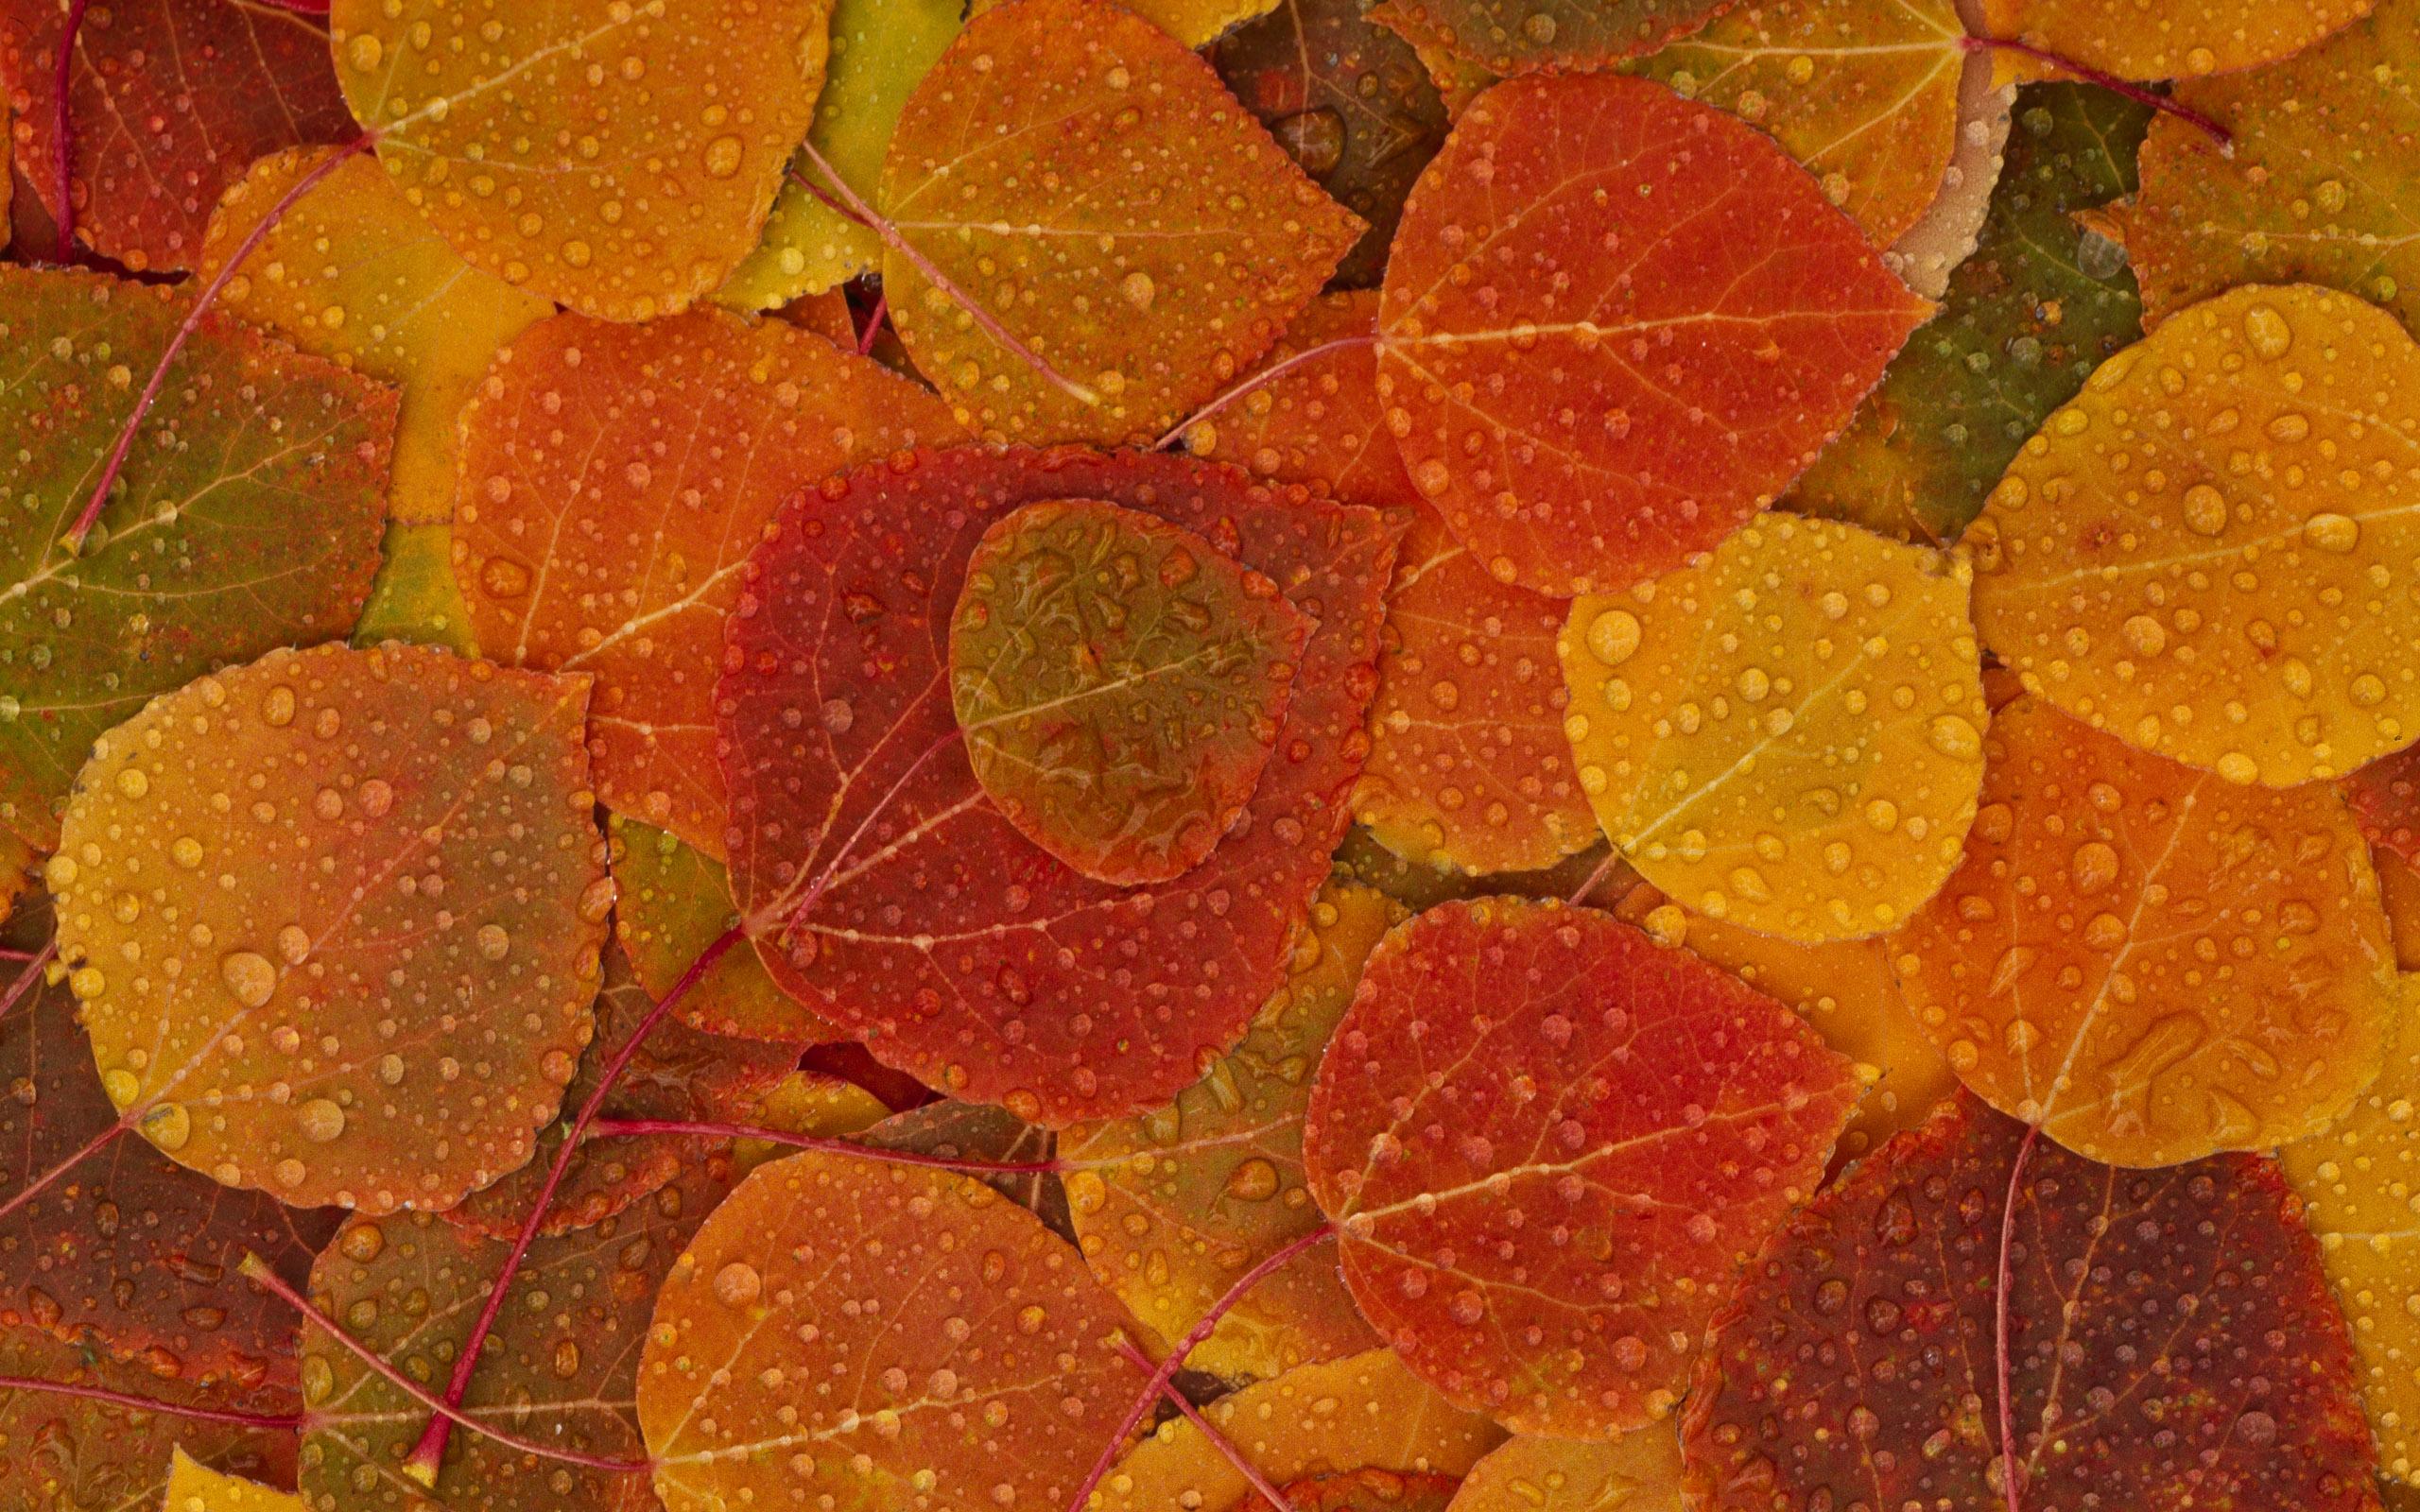 desktop wallpaper fall foliage - www.wallpapers-in-hd.com